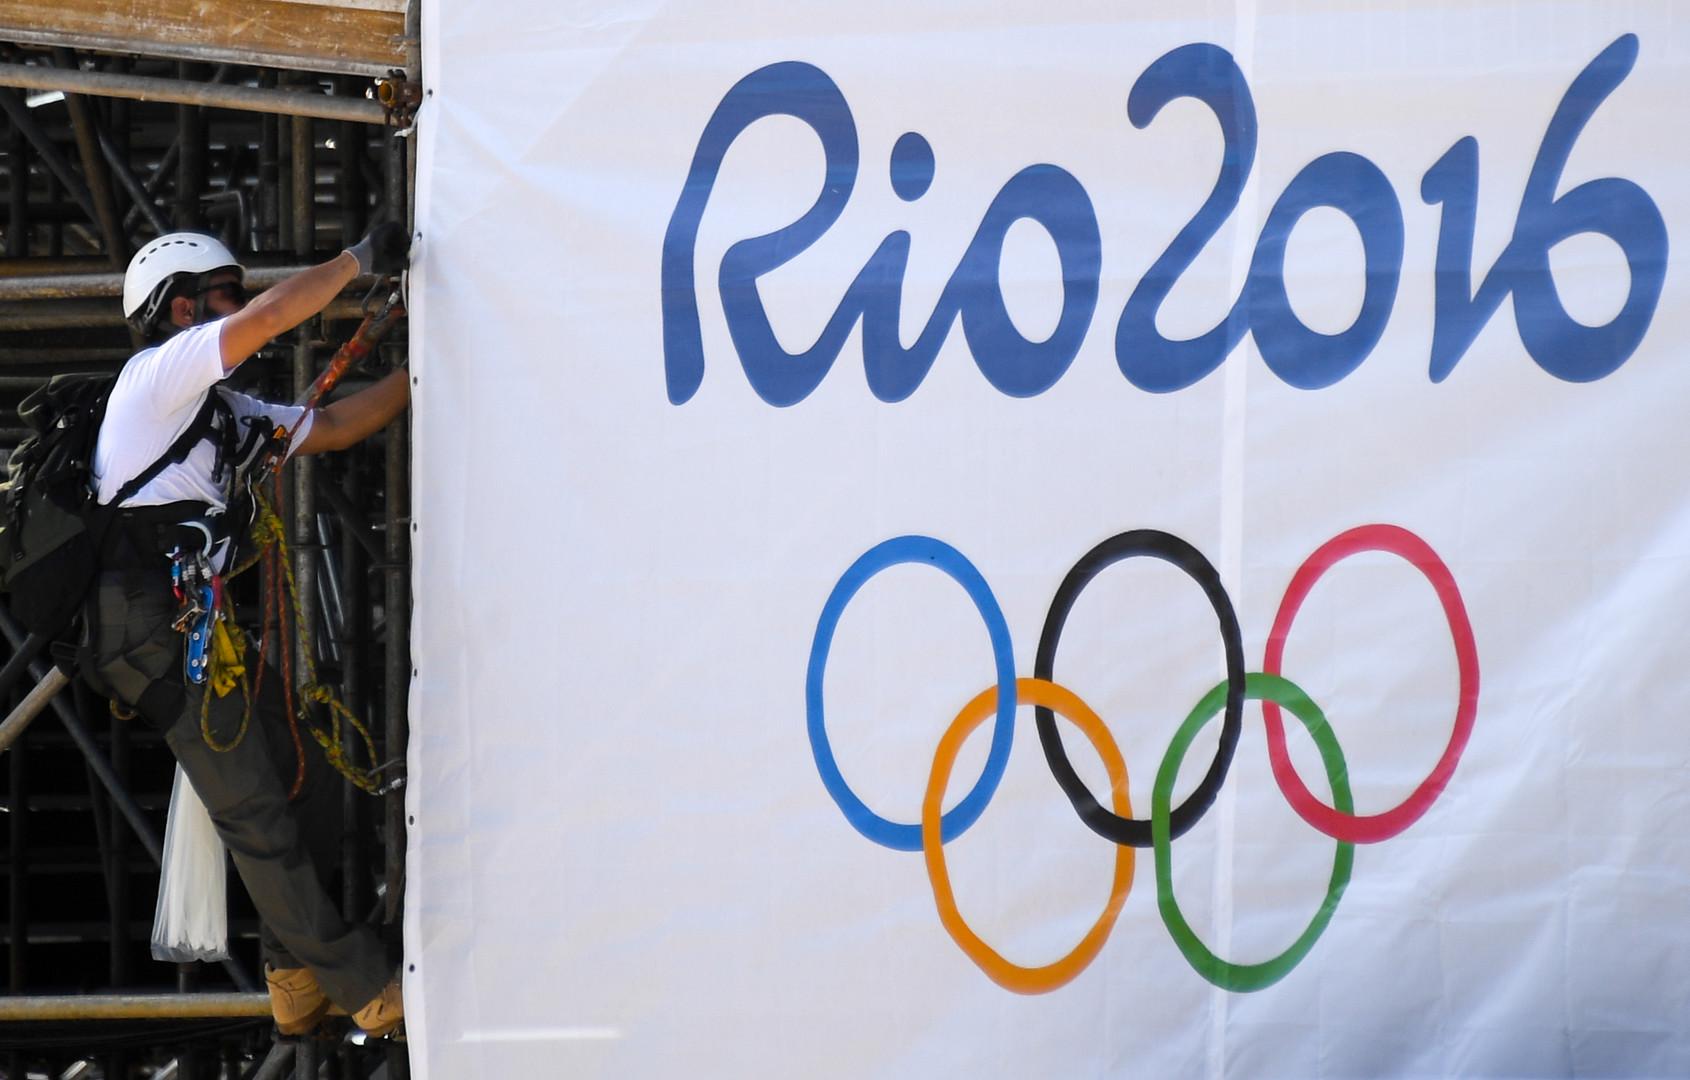 أولمبياد ريو دي جانيرو 2016